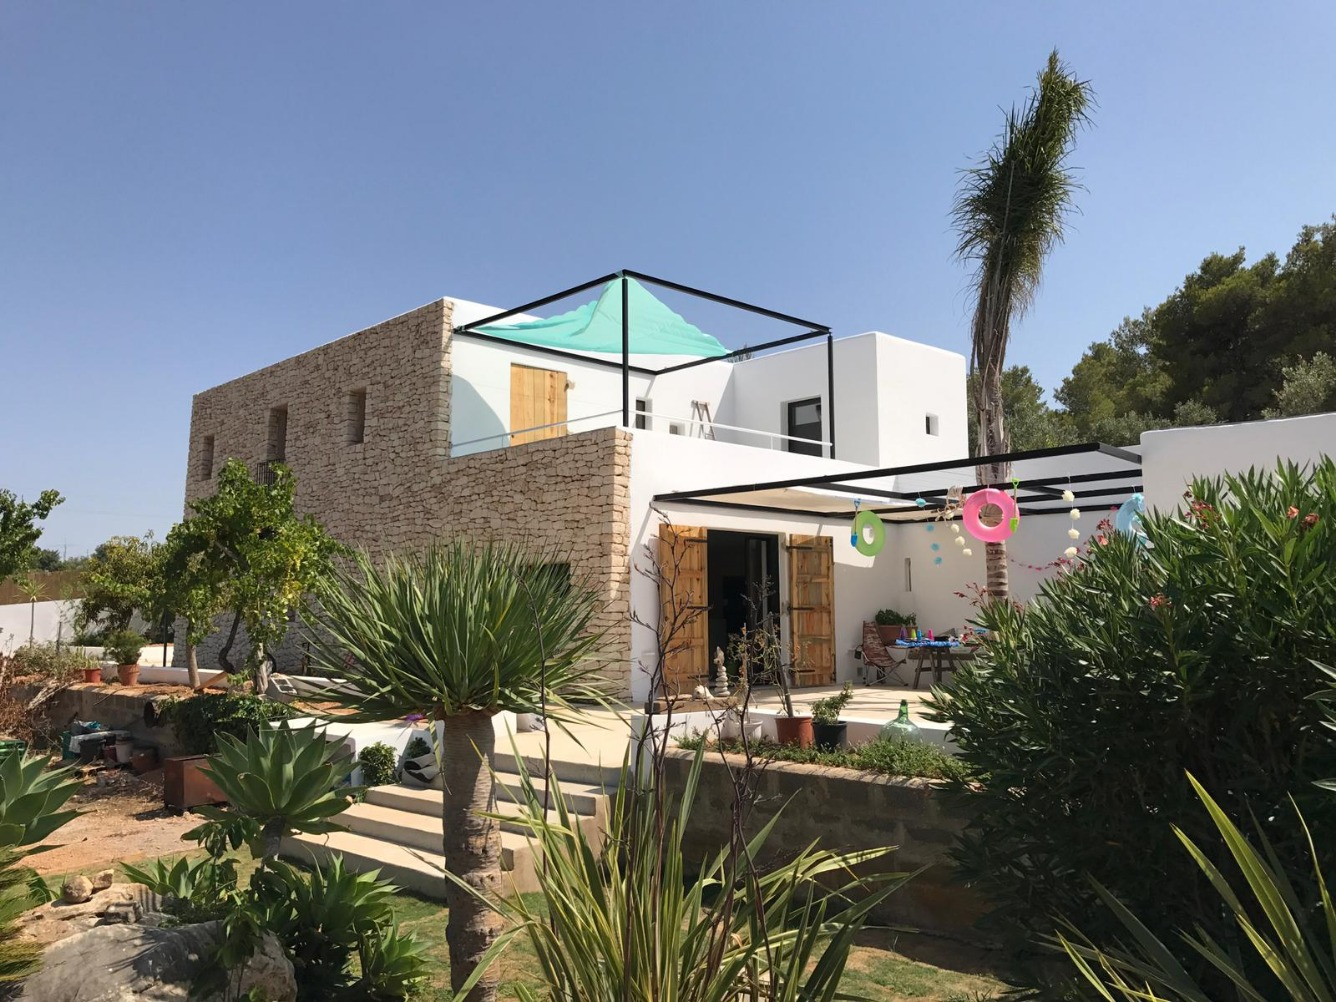 Alquiler Casa  Eivissa. Casa en san miguel alquiler verano 2019